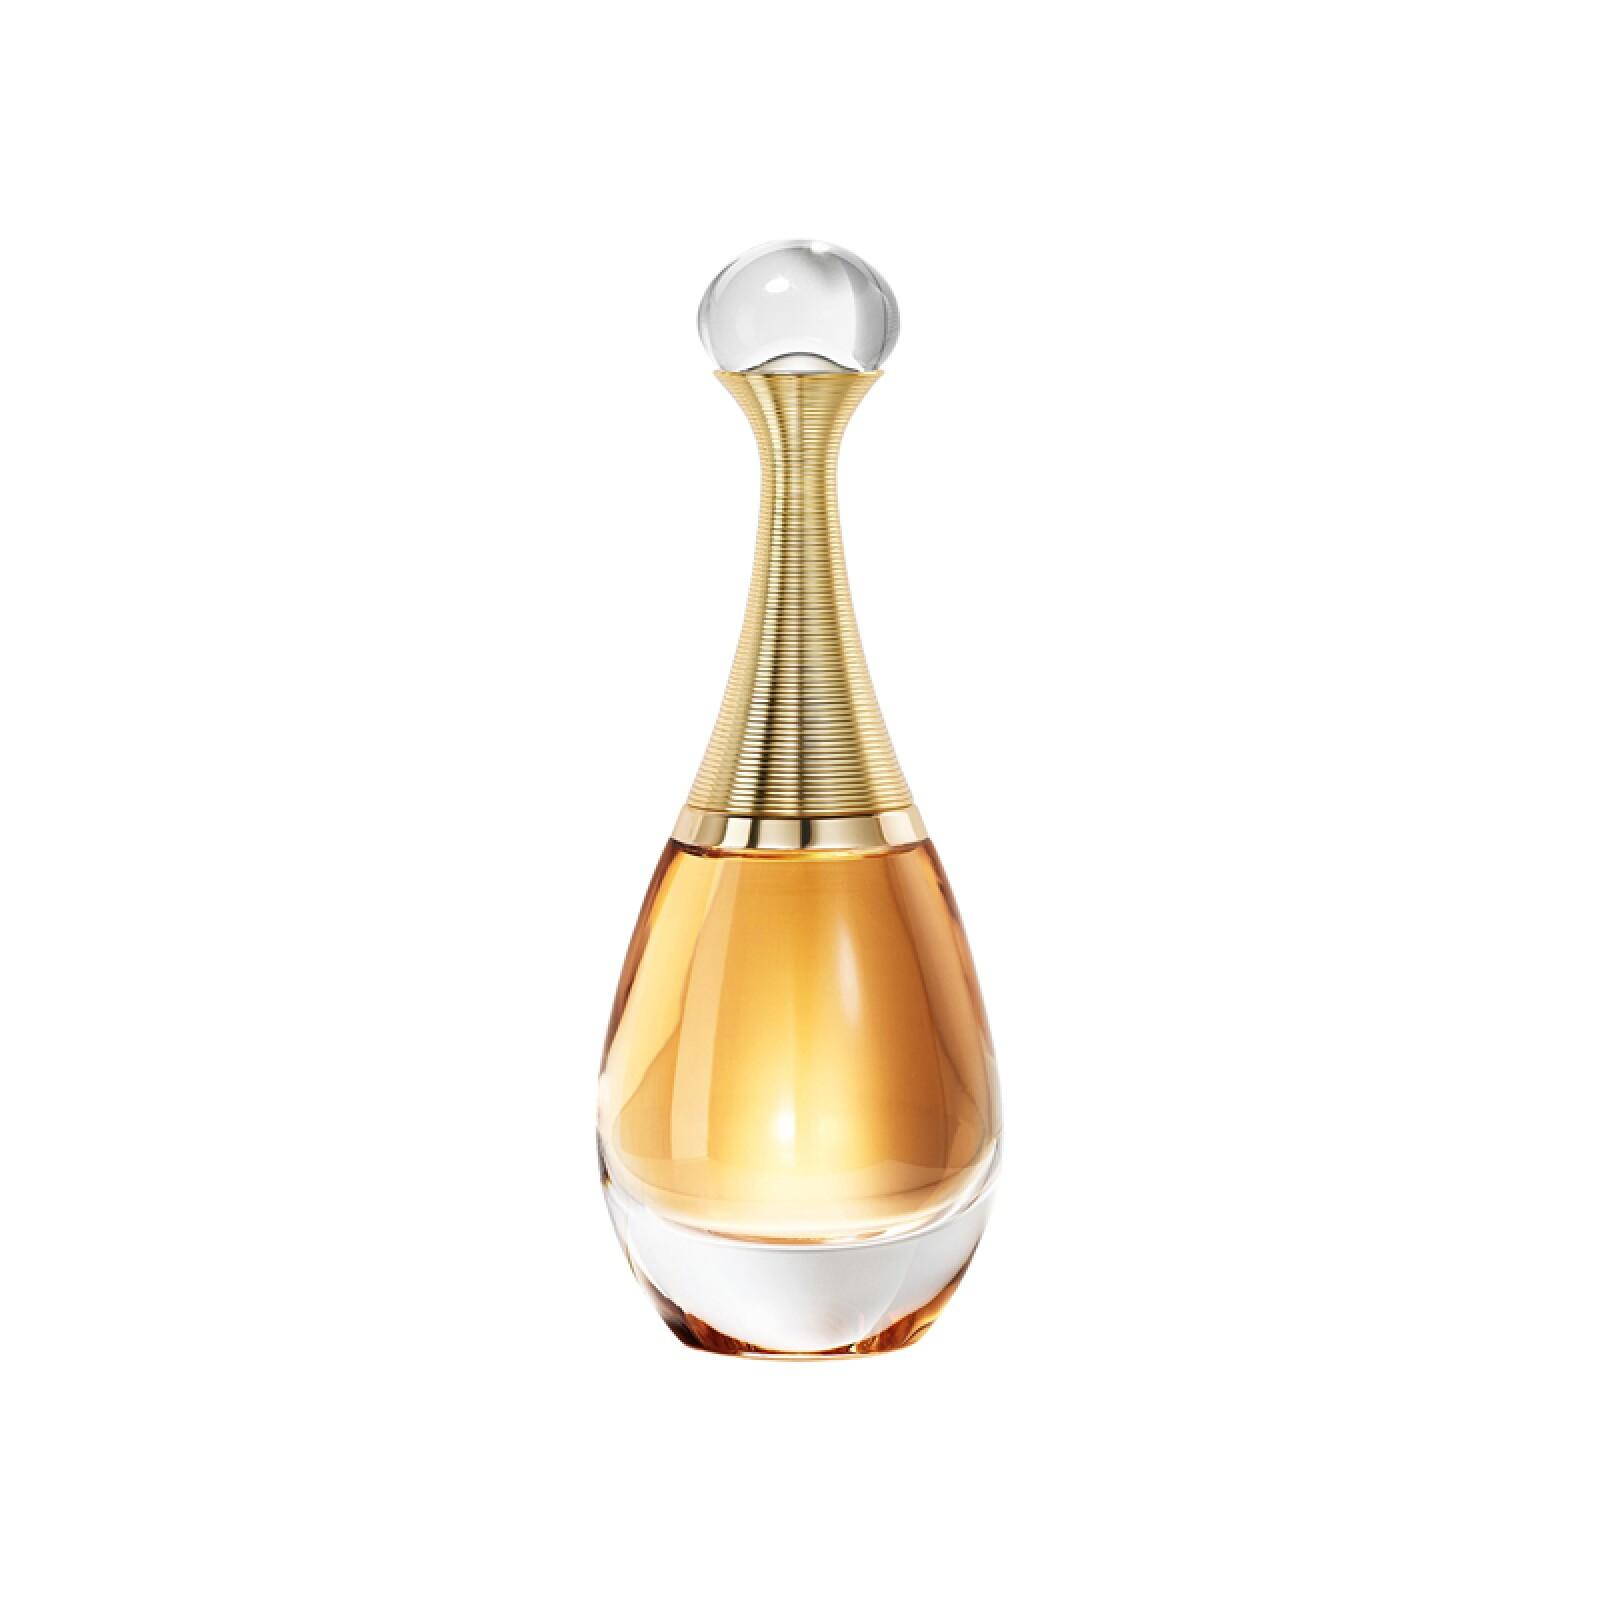 fragancias-perfumes-primavera-aroma-notas-floral-dior